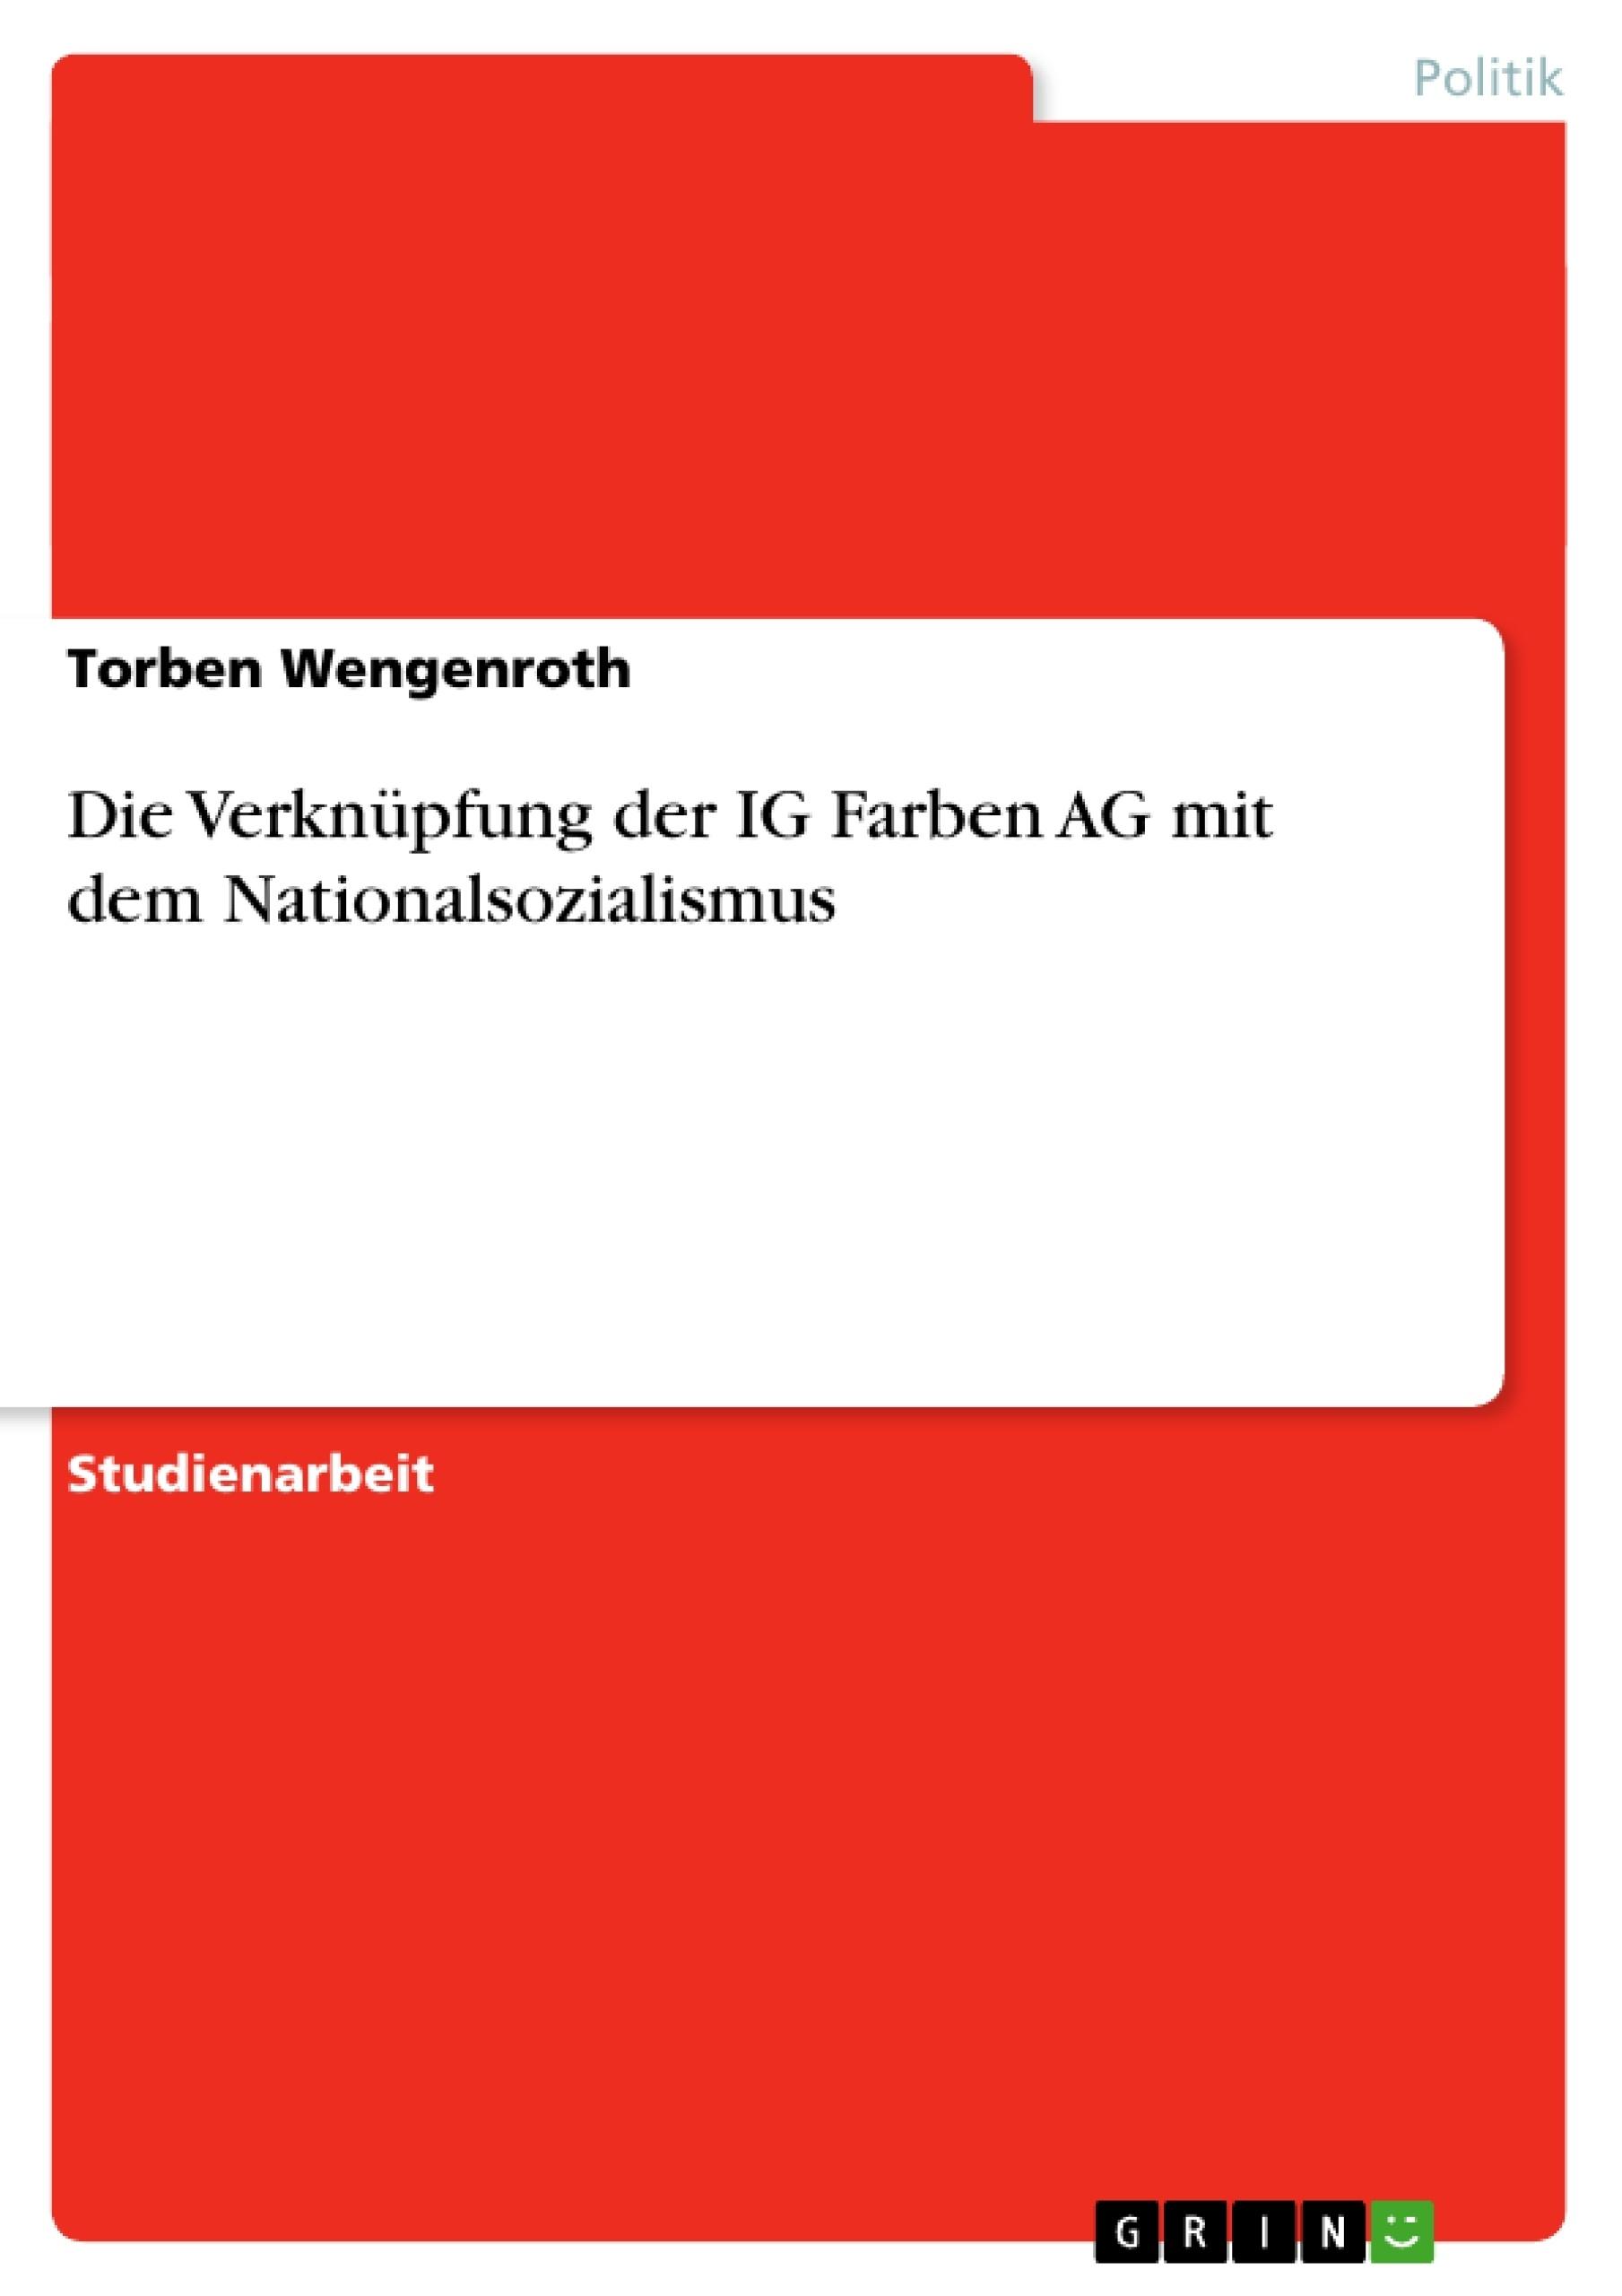 Titel: Die Verknüpfung der IG Farben AG mit dem Nationalsozialismus